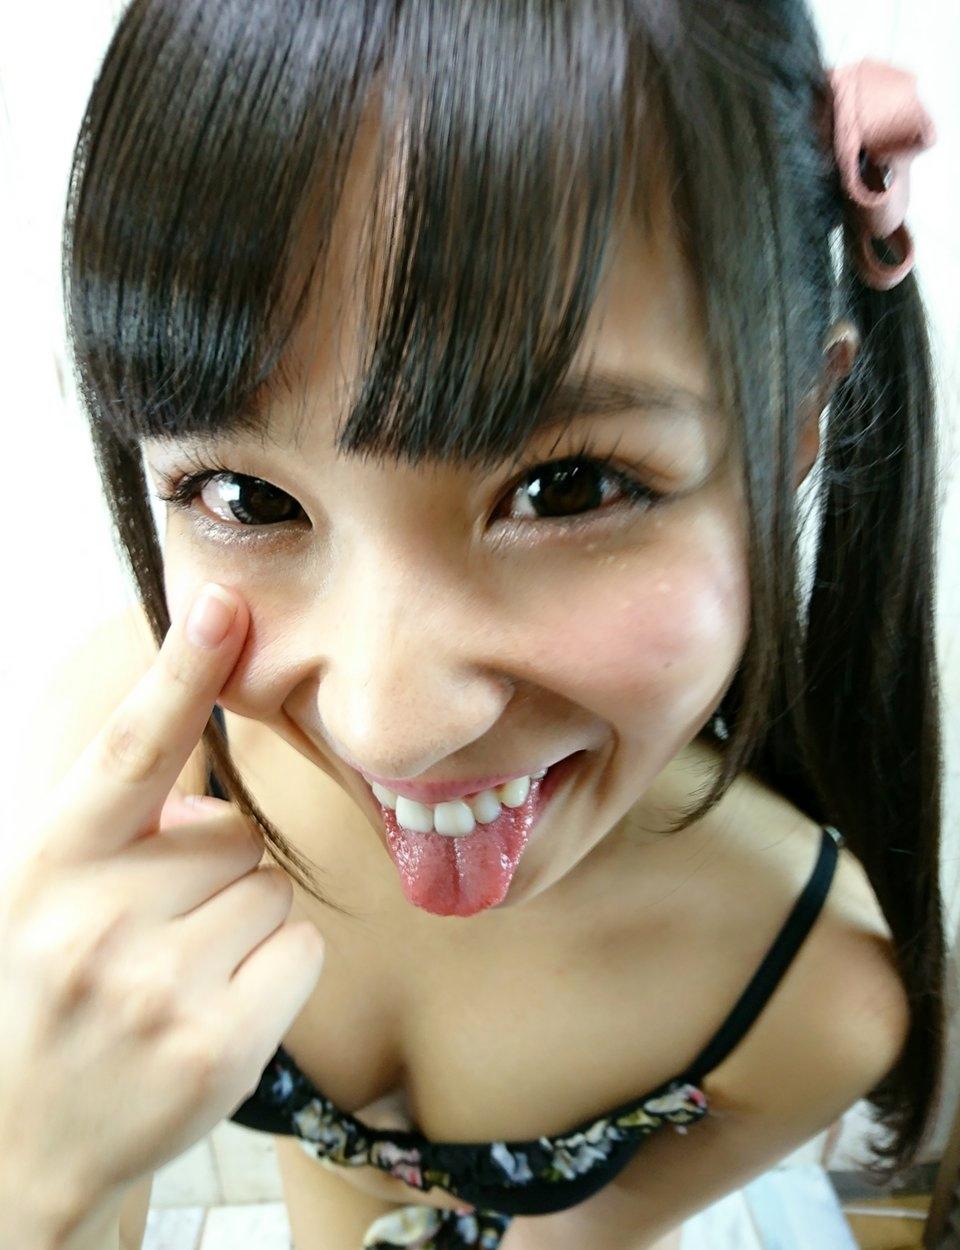 栄川乃亜のあっかんべー舌出し (2)